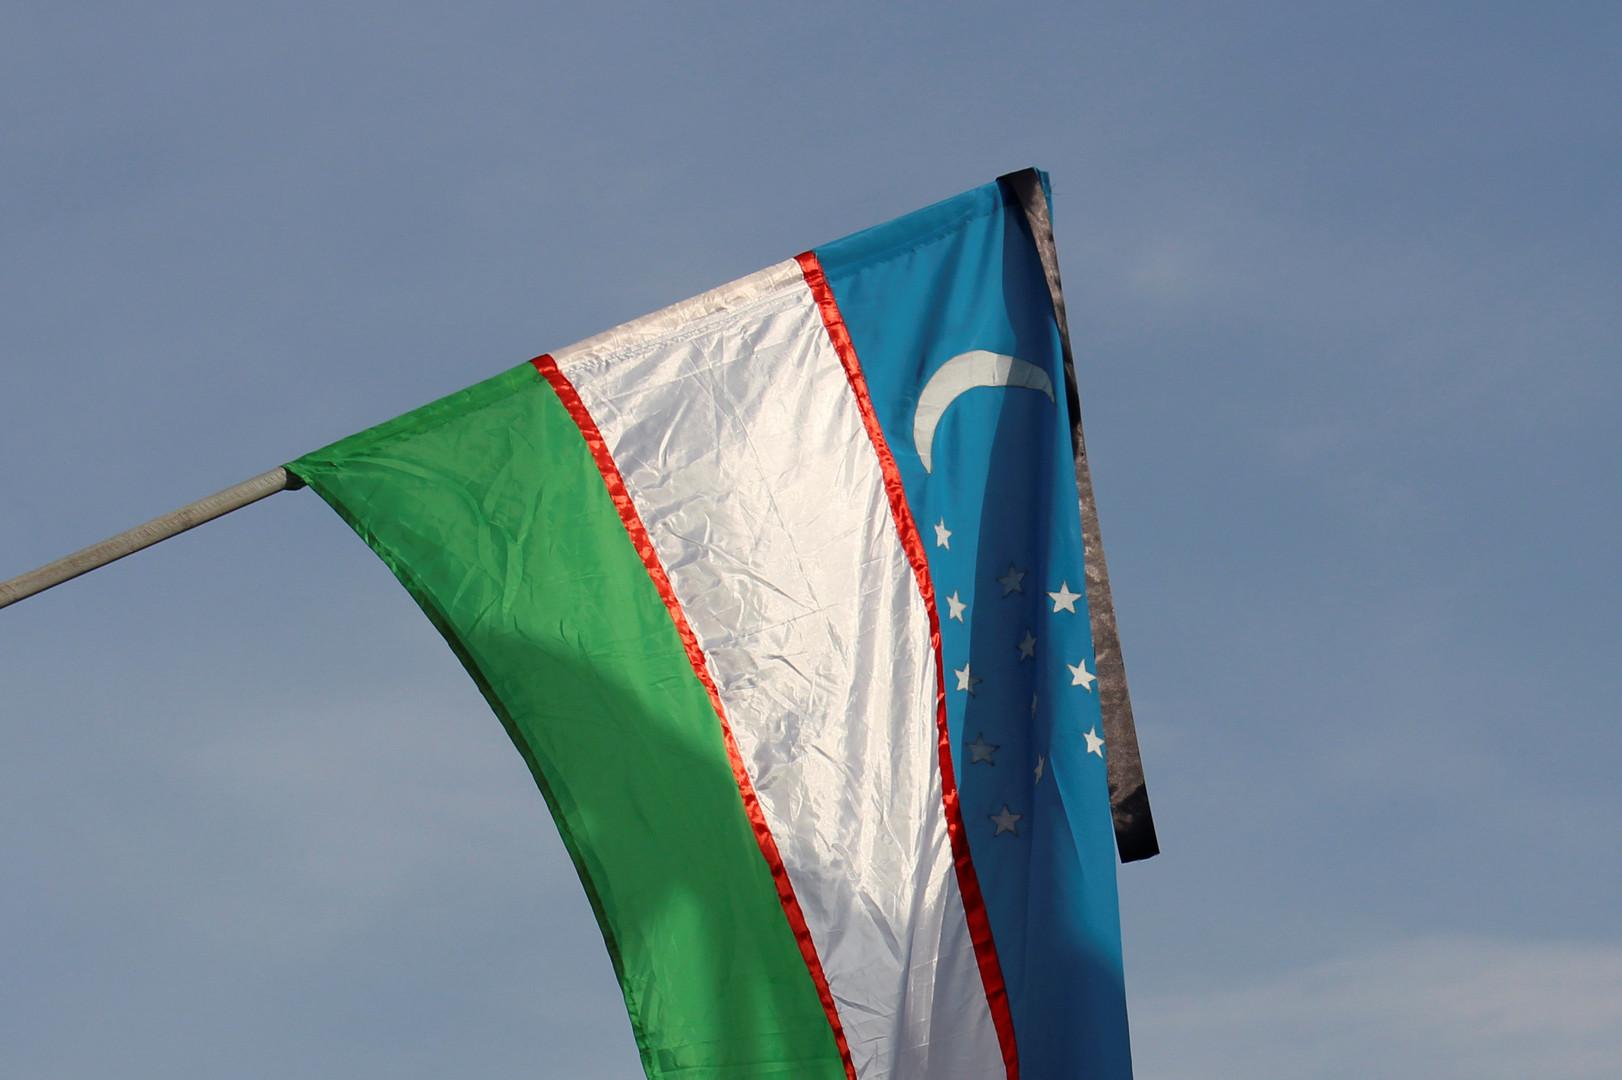 Узбекистан. Будущее: каким станет внешнеполитический курс страны после Каримова